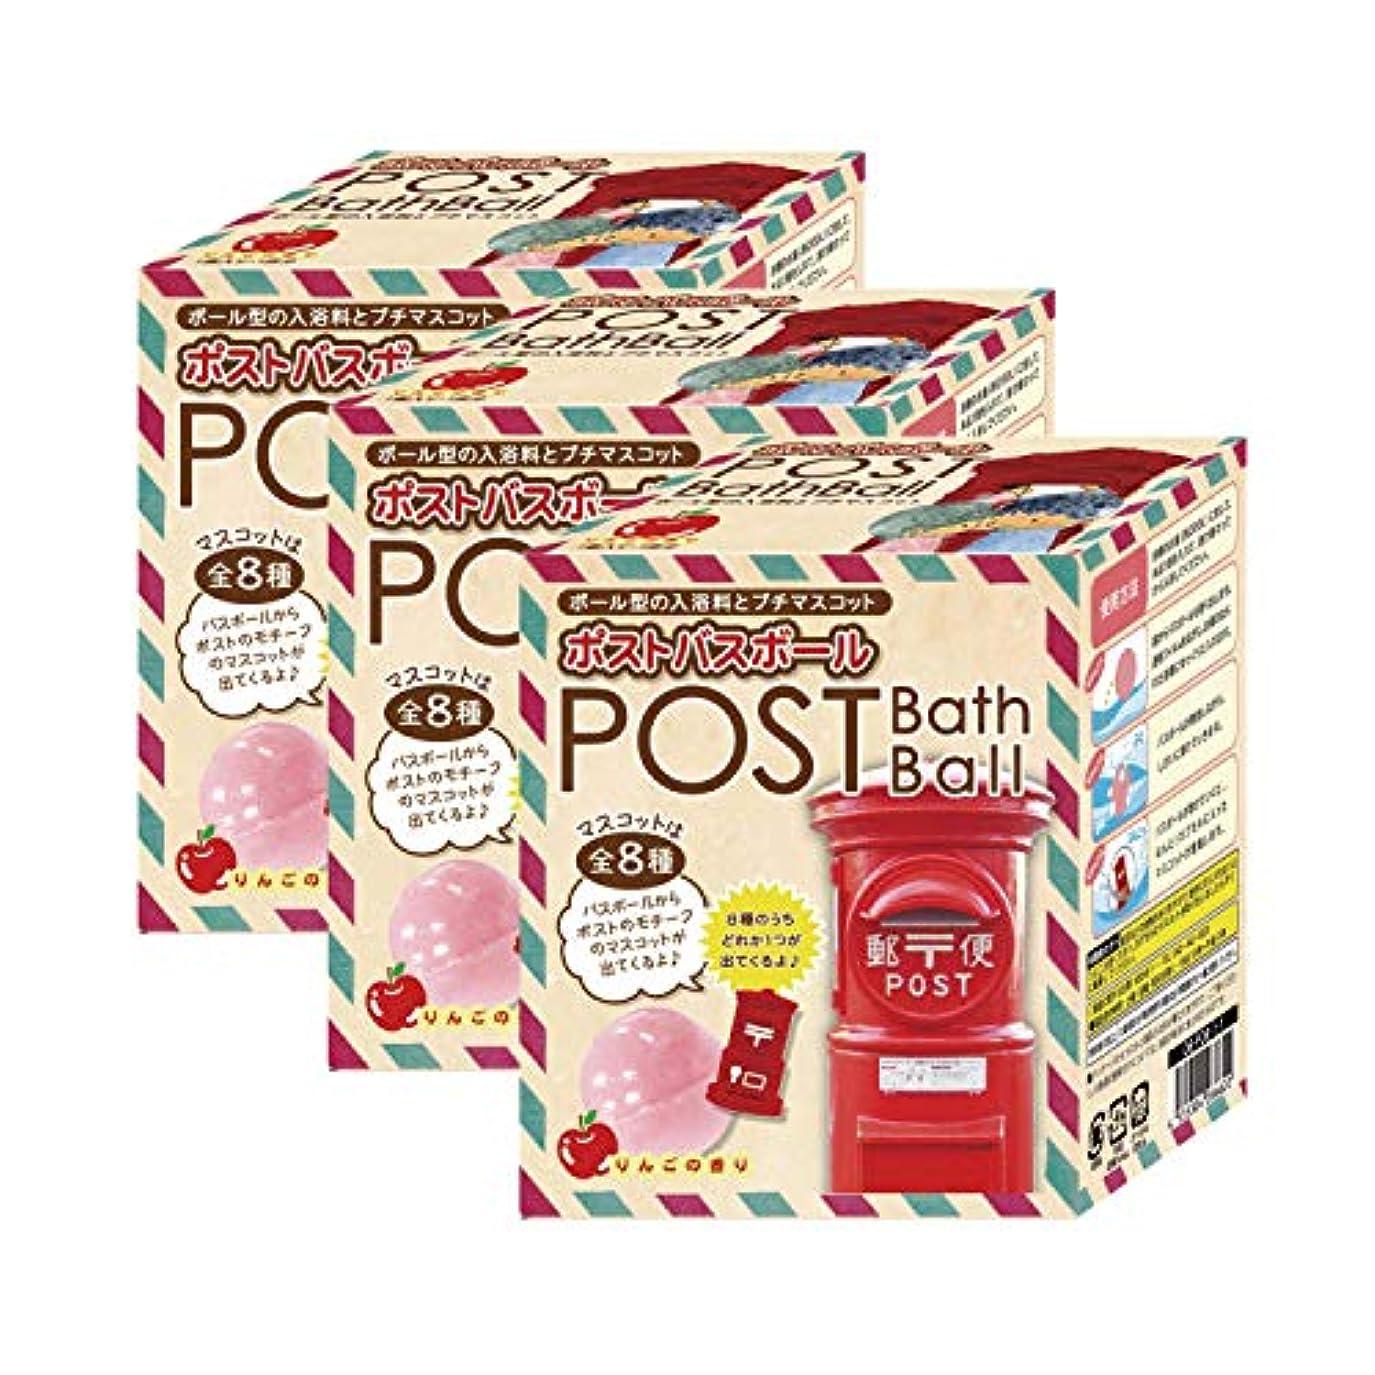 低下限りなくバルーン郵便ポスト 入浴剤 バスボール おまけ付き りんごの香り 60g 3個セット